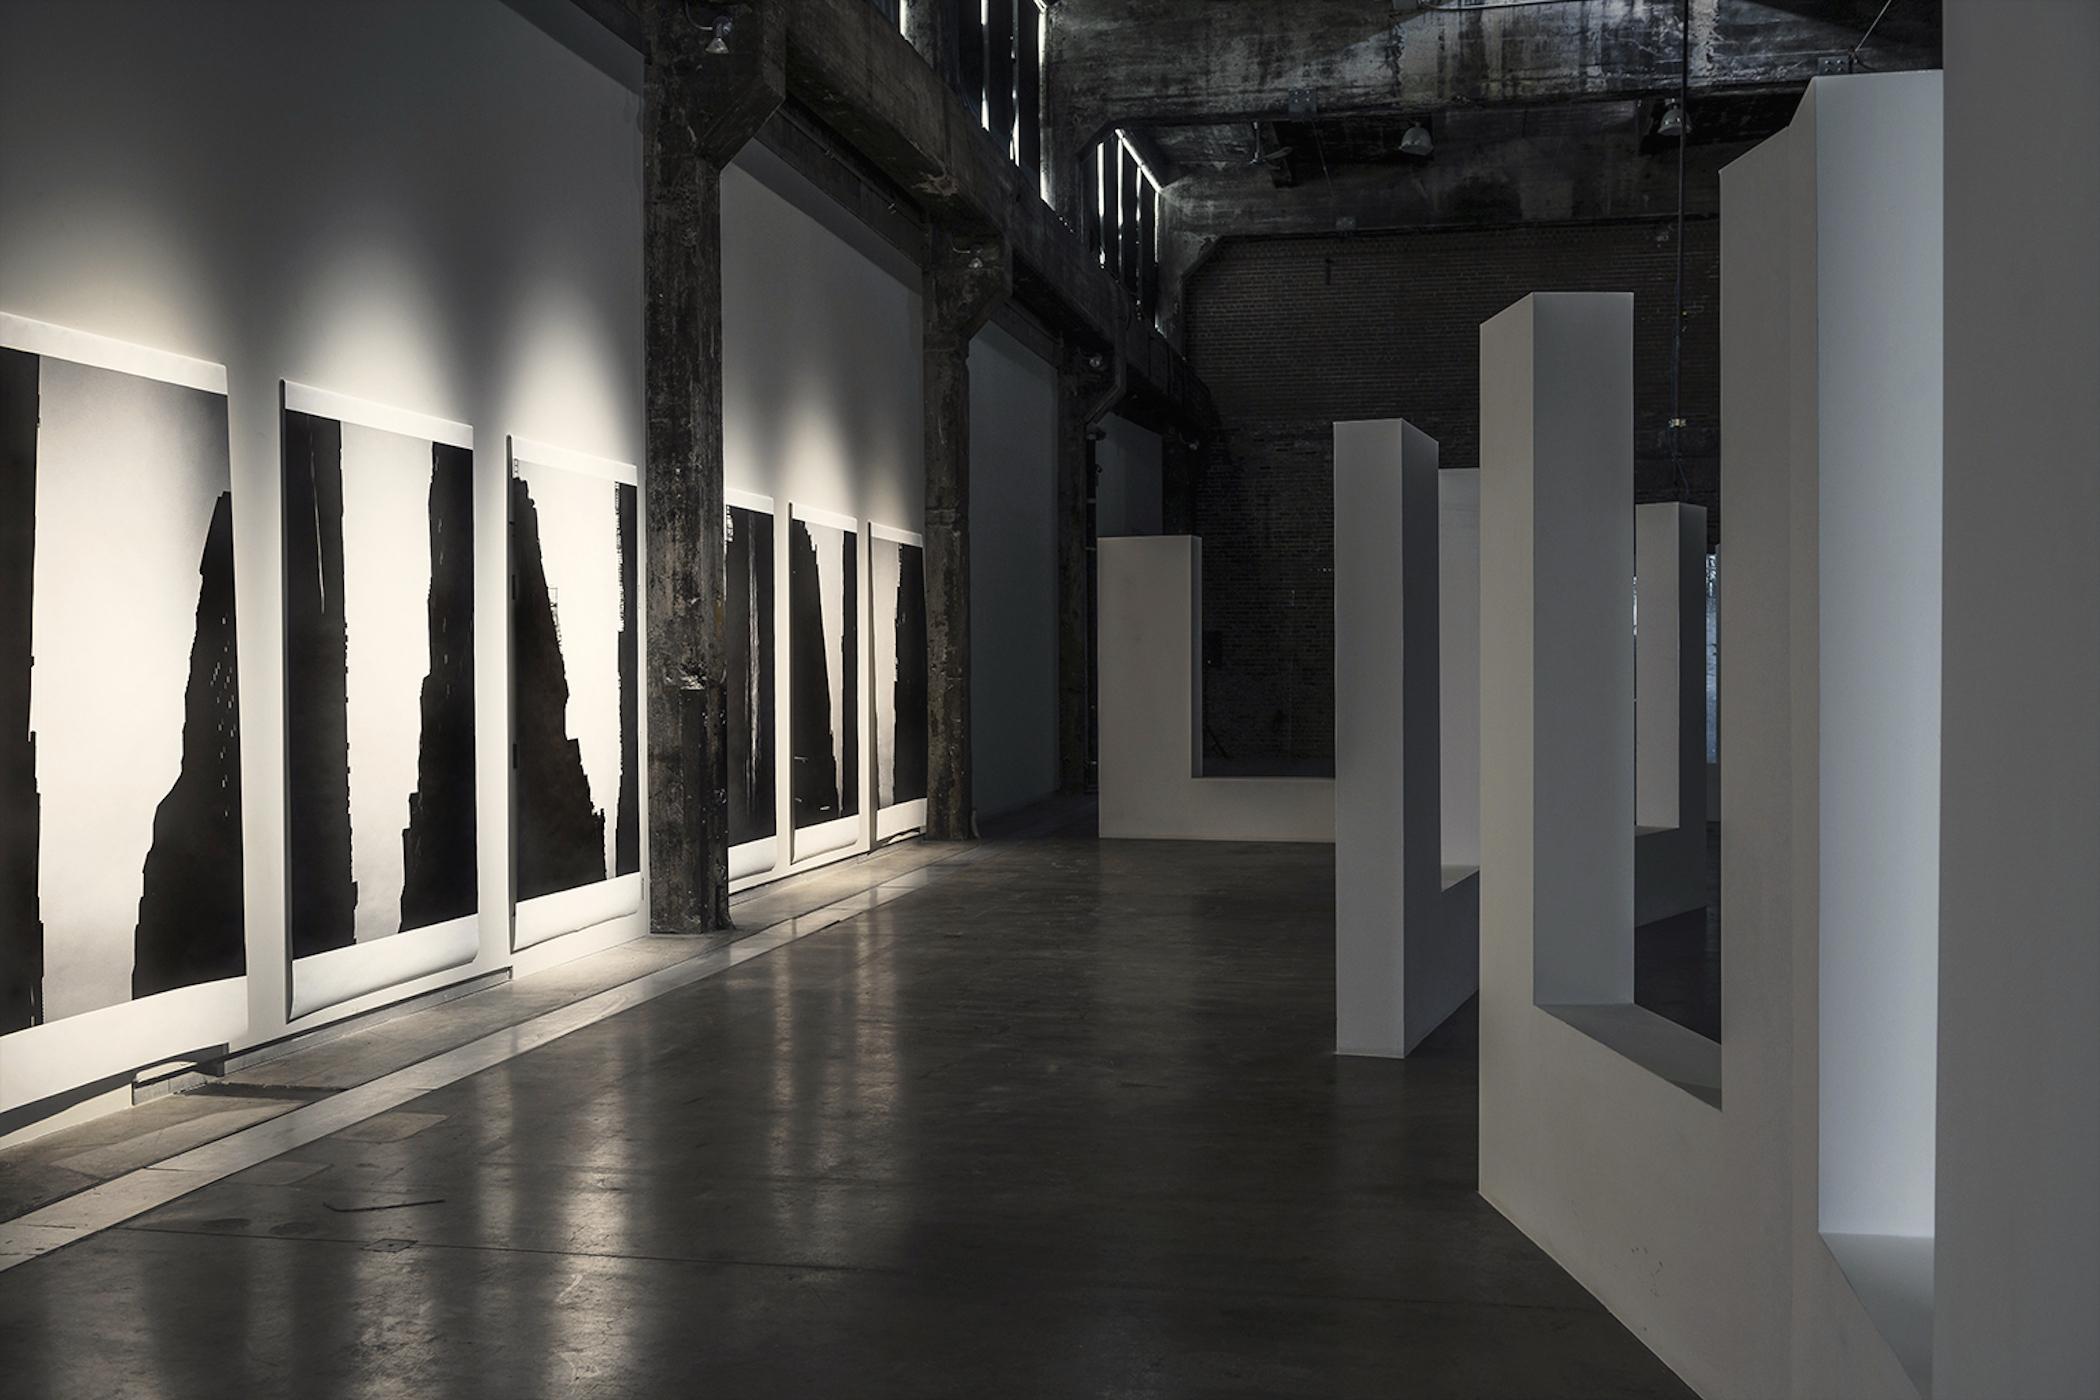 Dédale 2013 (installation)